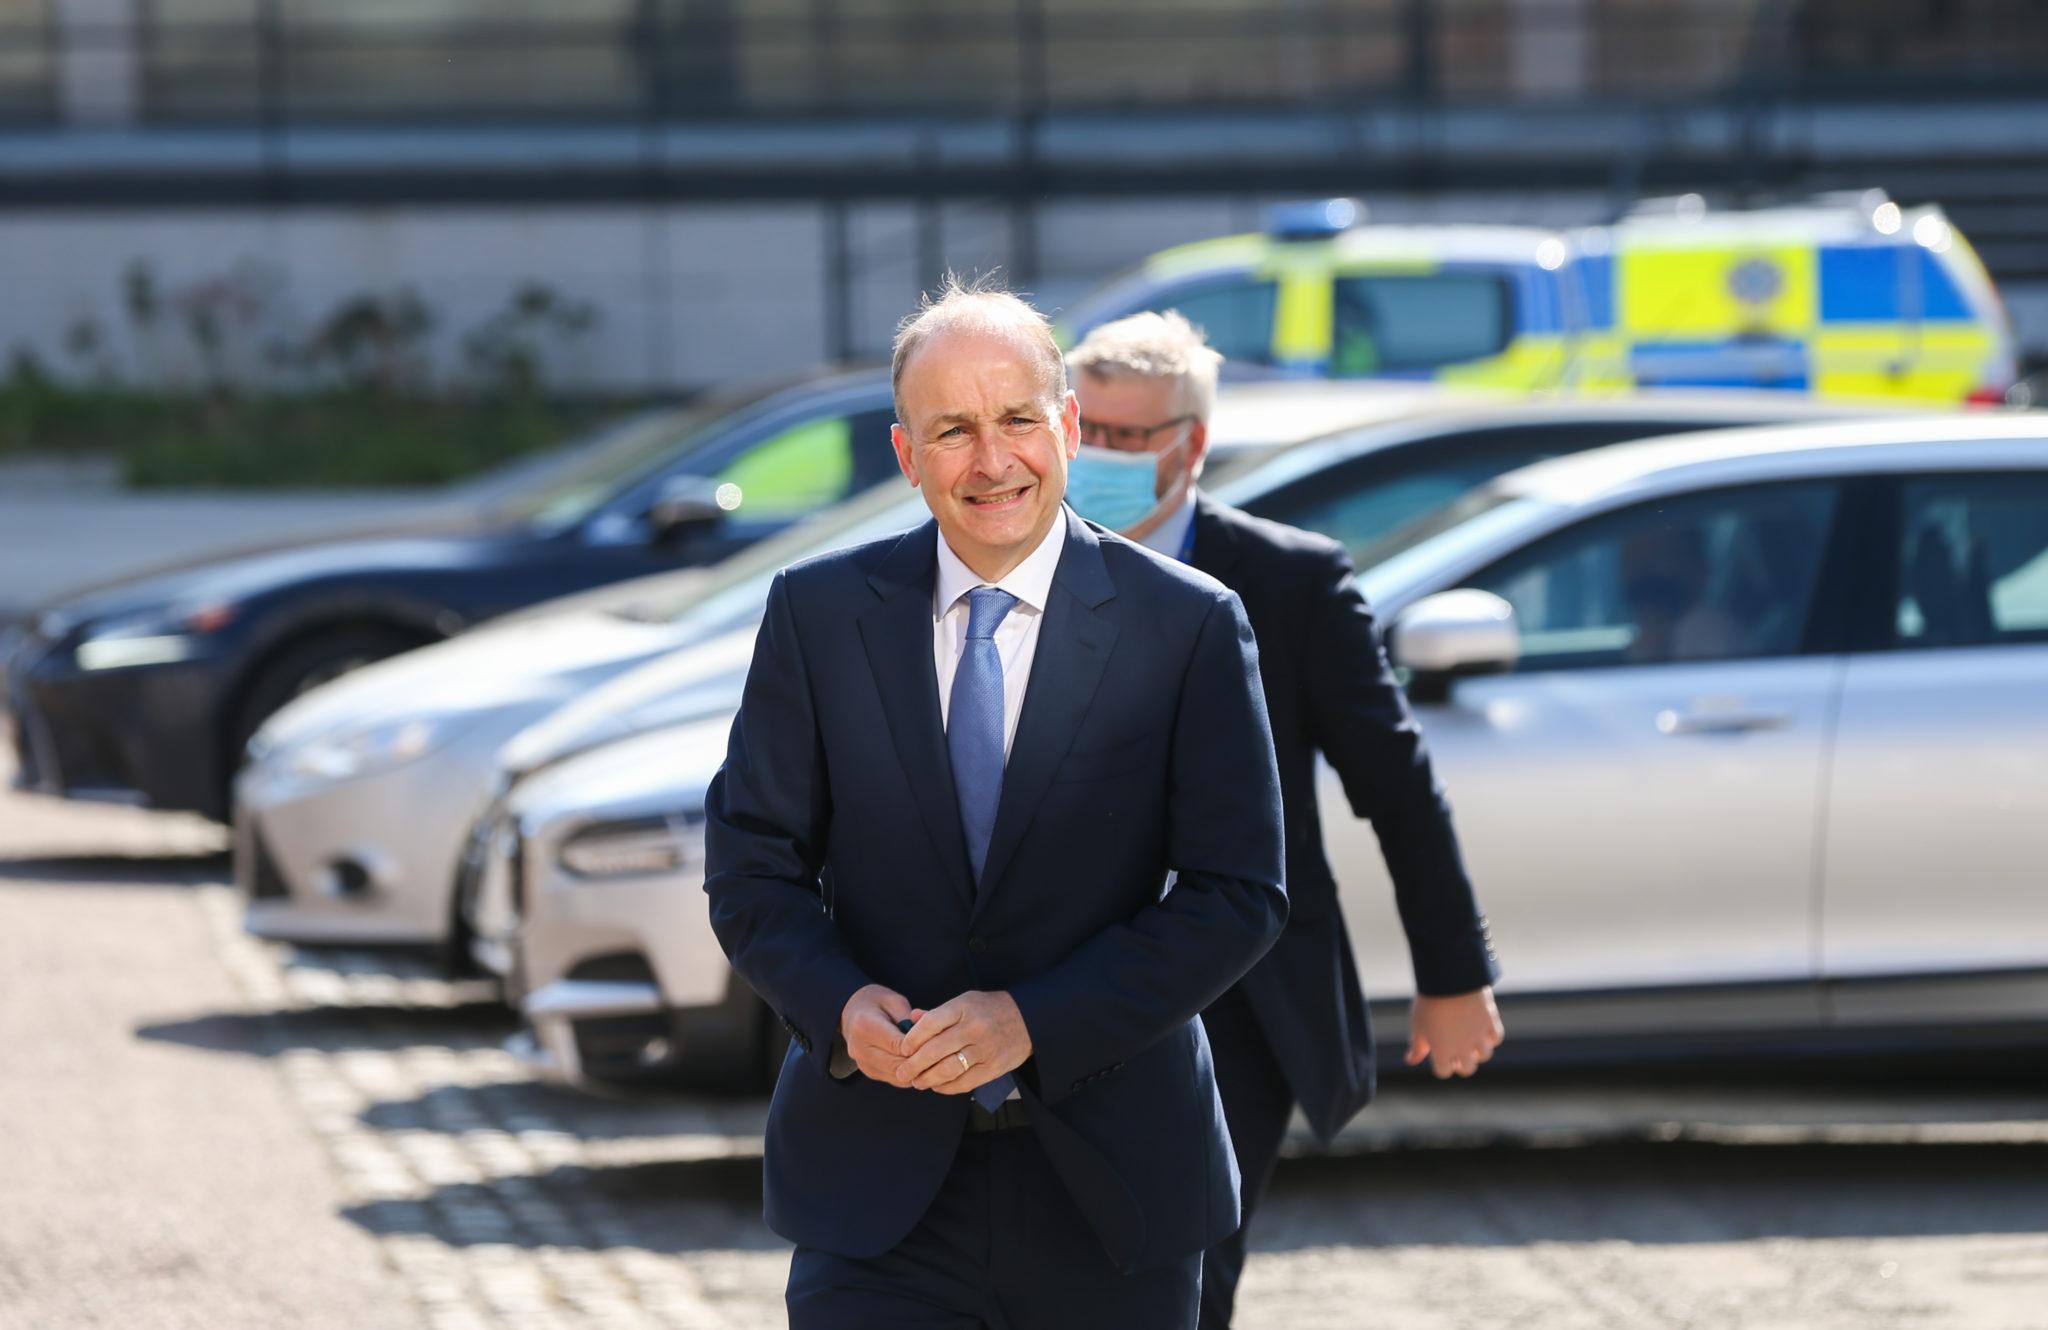 Taoiseach Micheál Martin arriving at Dublin Castle for Cabinet